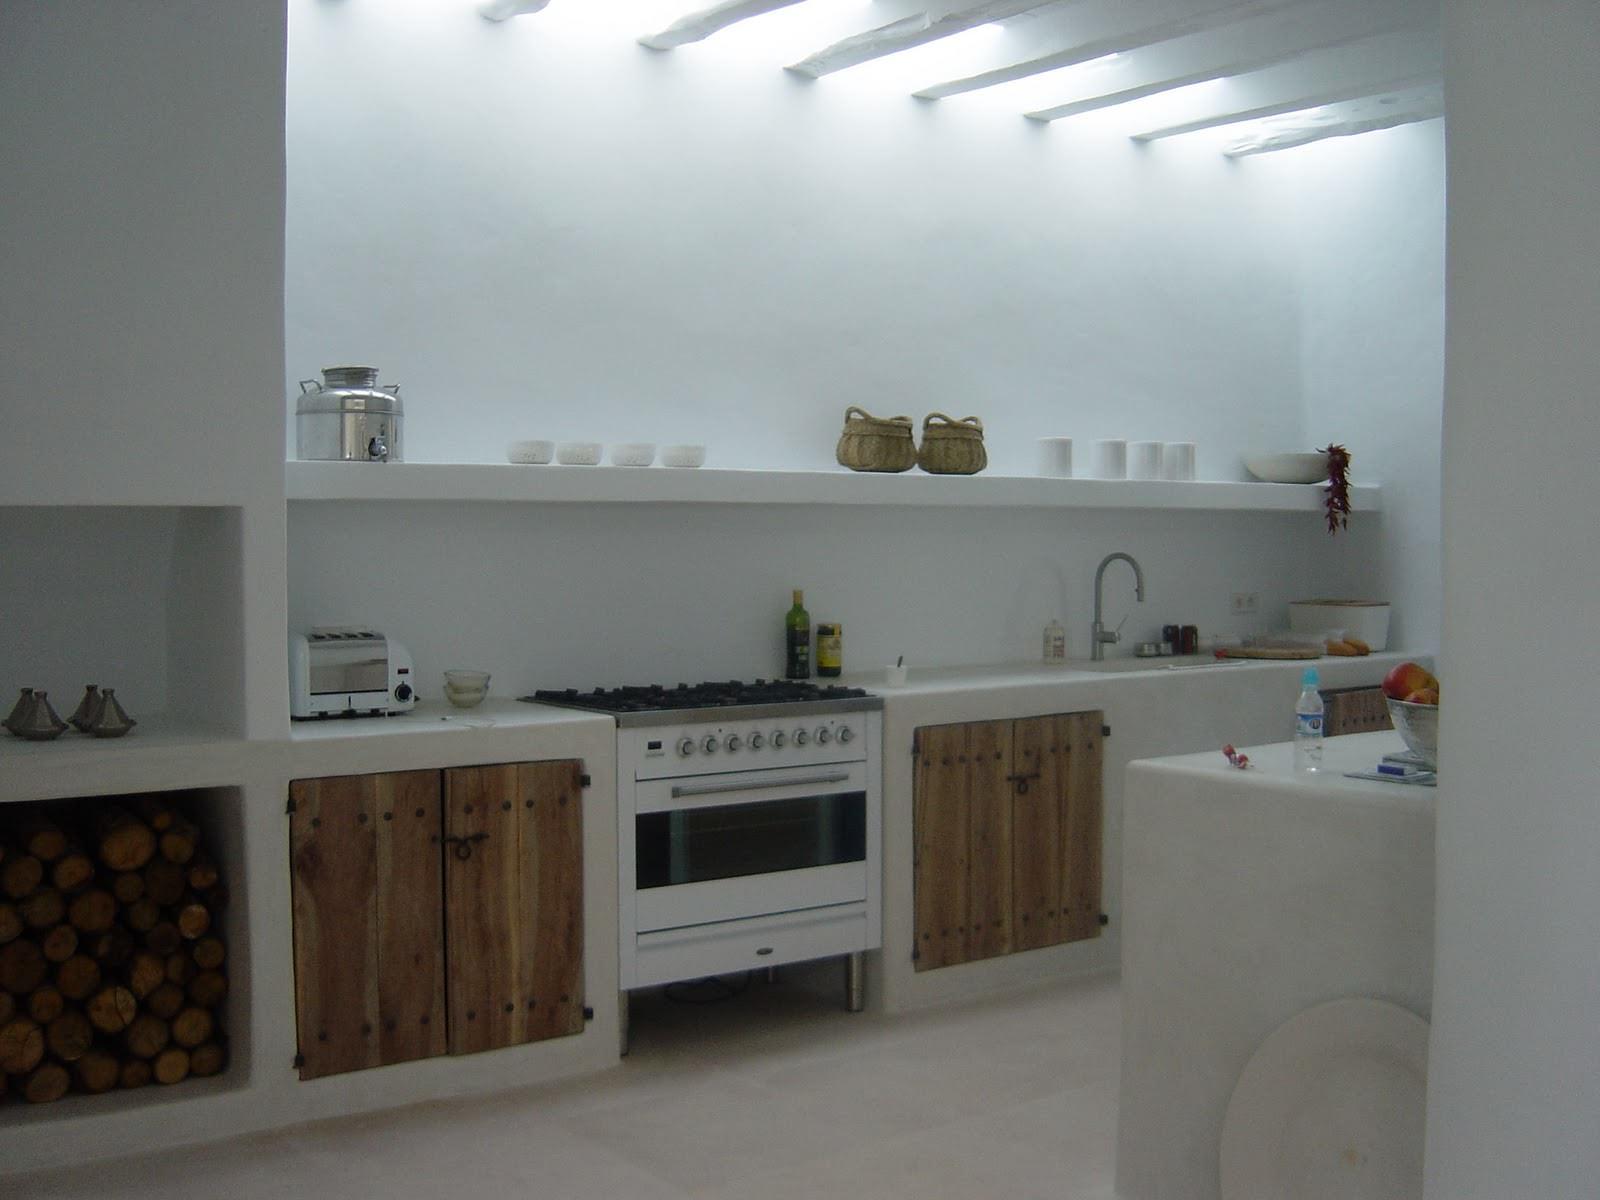 Cucine Incassate In Muratura | Cucine Incassate Trendy Cucina In ...